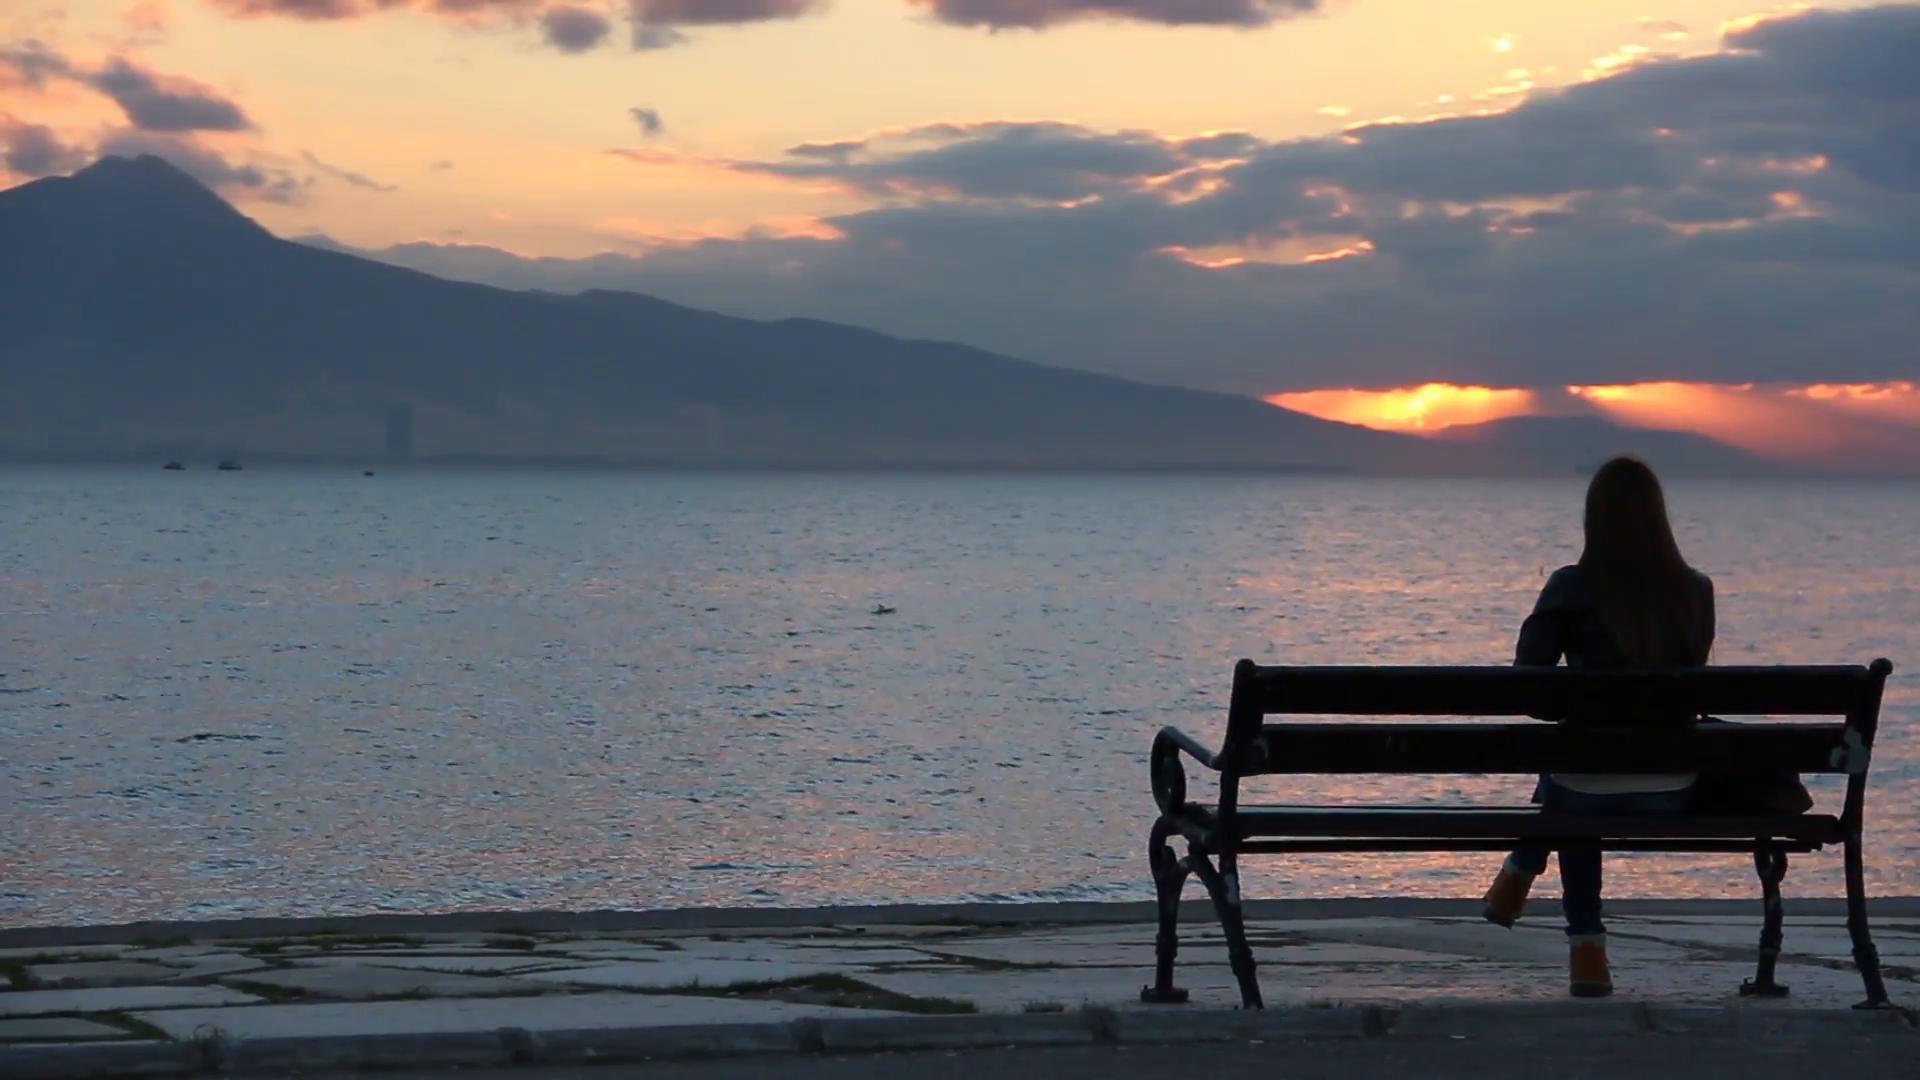 Hình ảnh về cô đơn